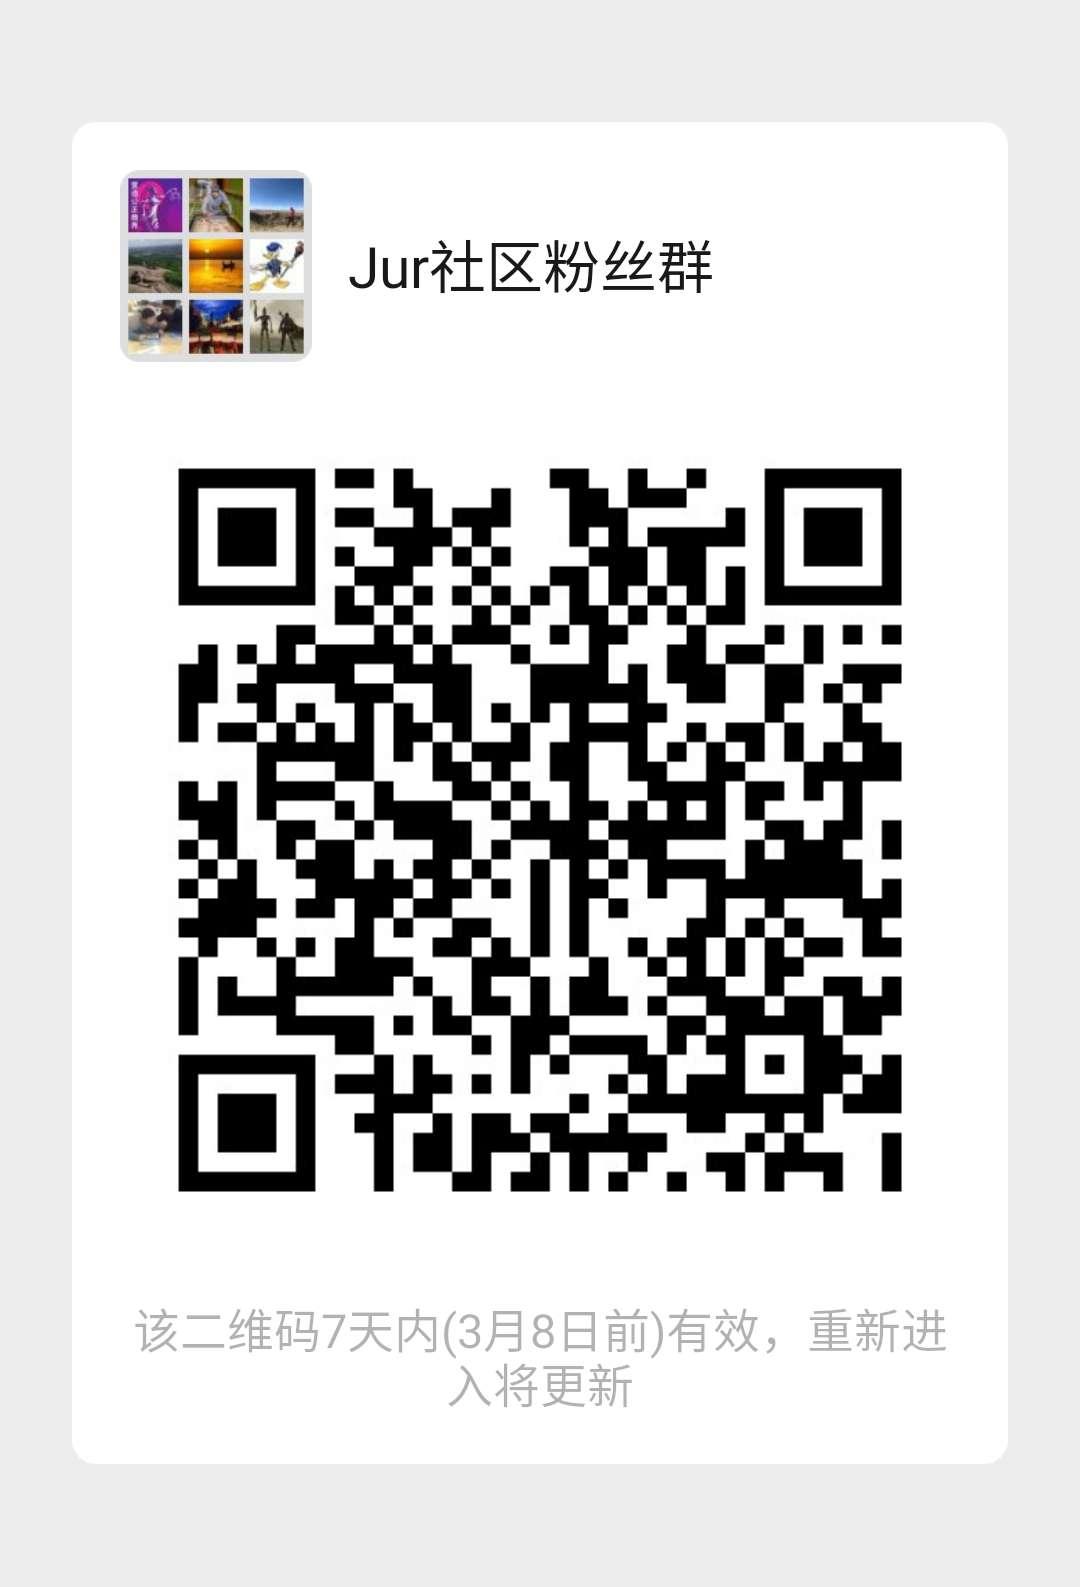 WeChat Image_20200229165822.jpg